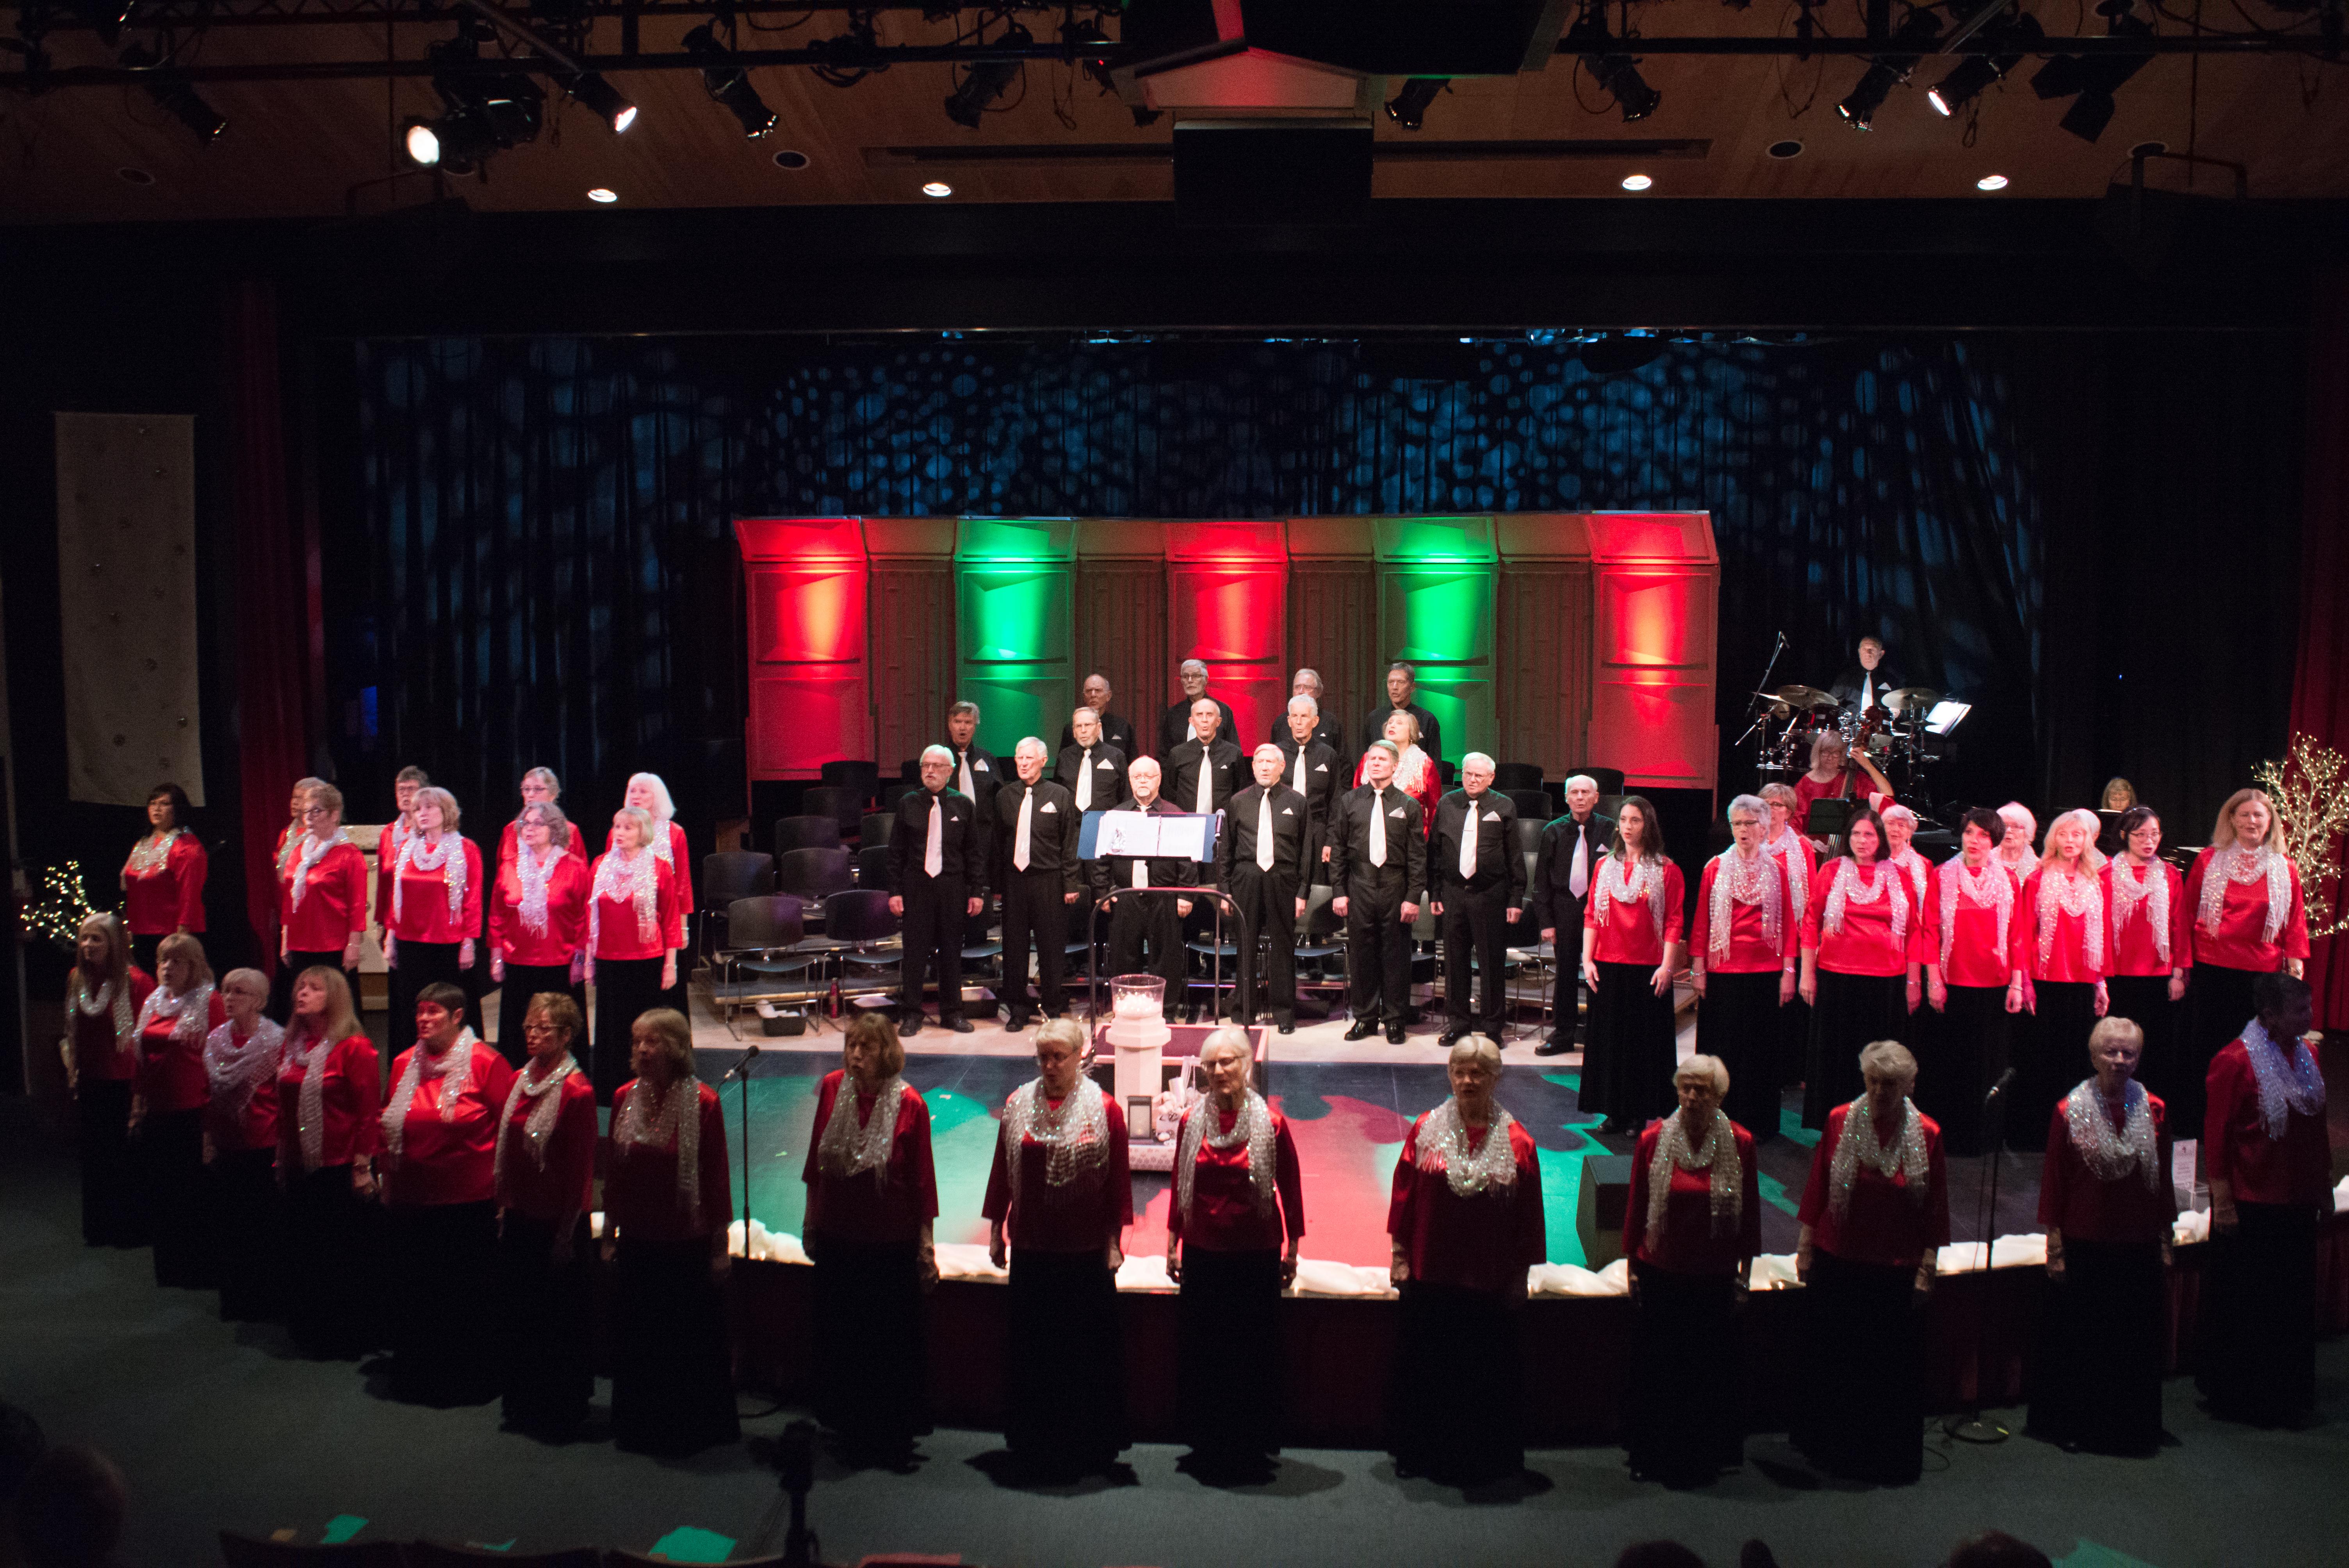 Highlights Christmas Concert - Christmas Joy